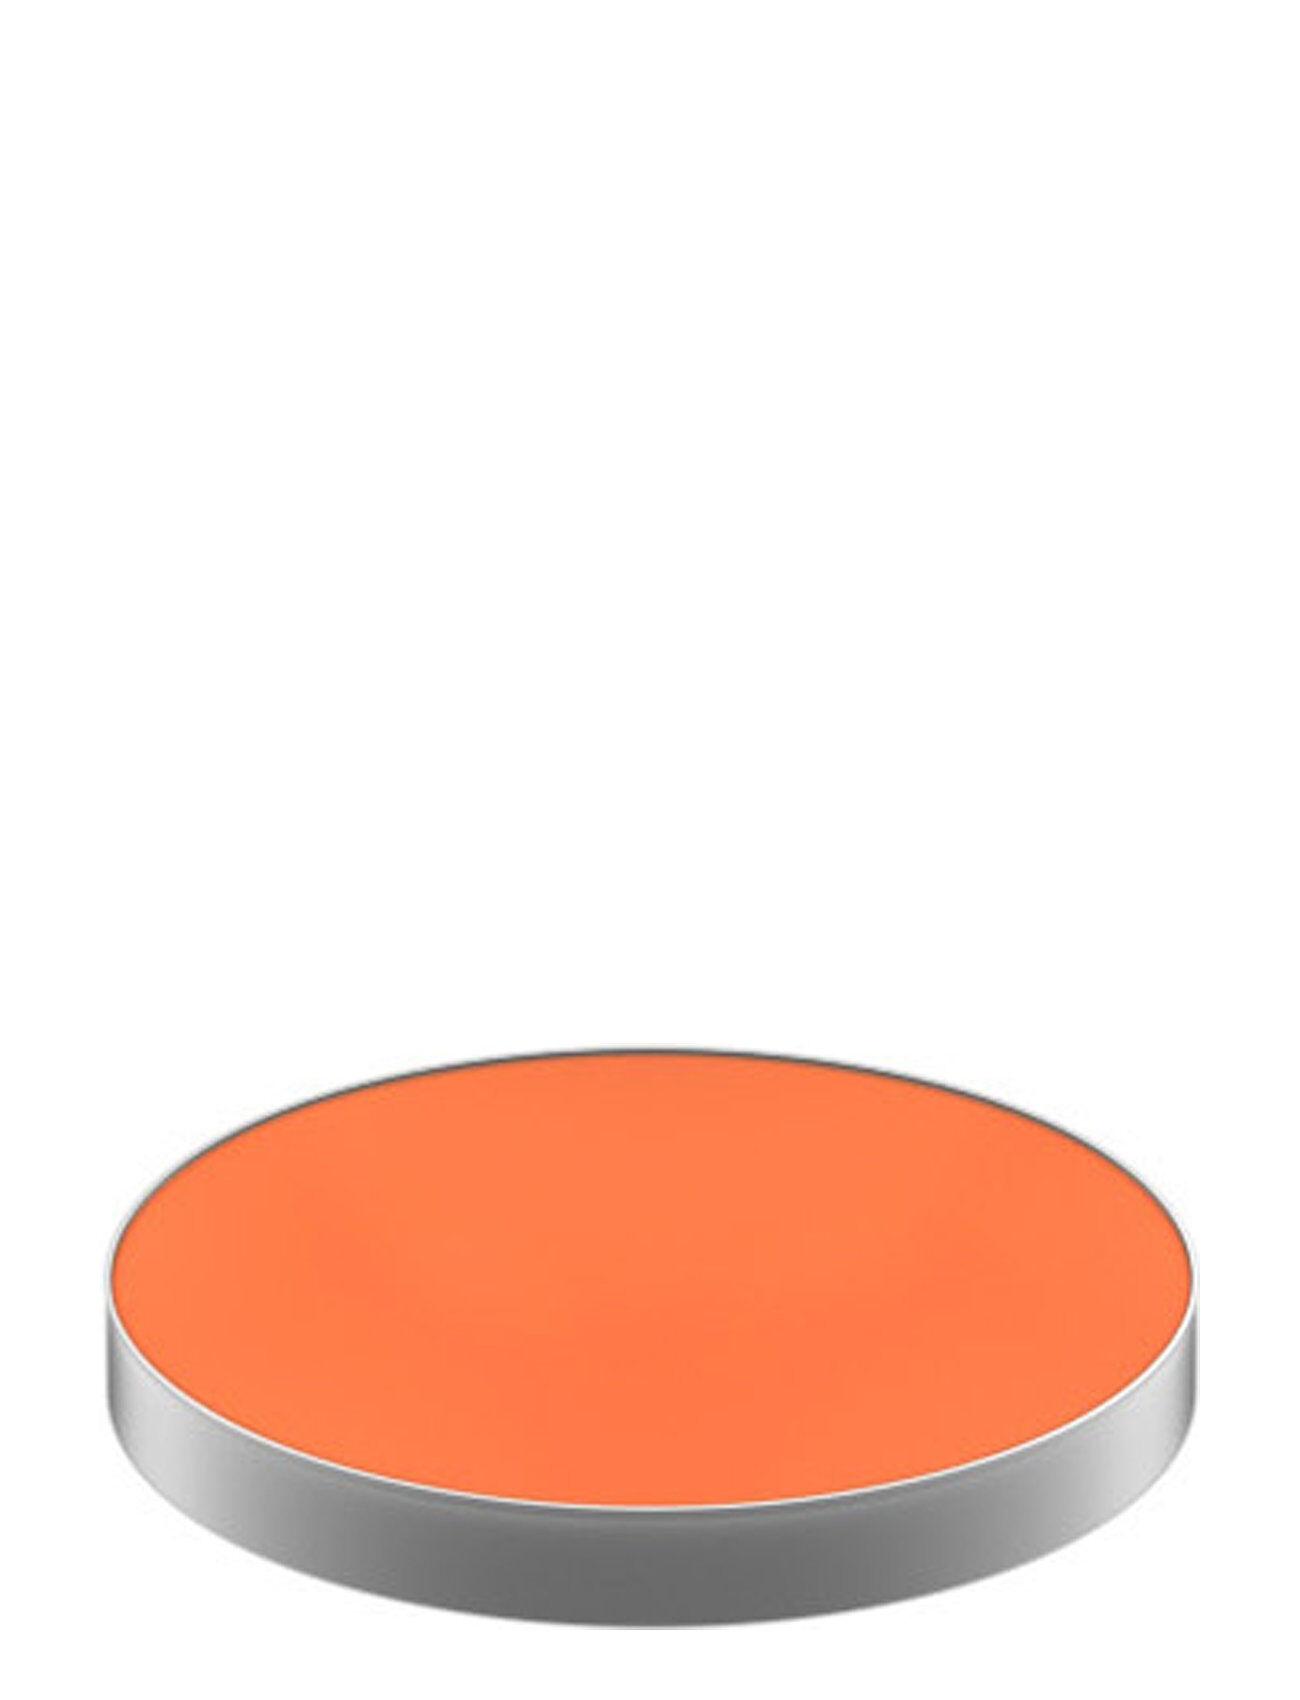 M.A.C. Studio Finish Skin Corrector/Pro Palette Refill Pan Pure Ora